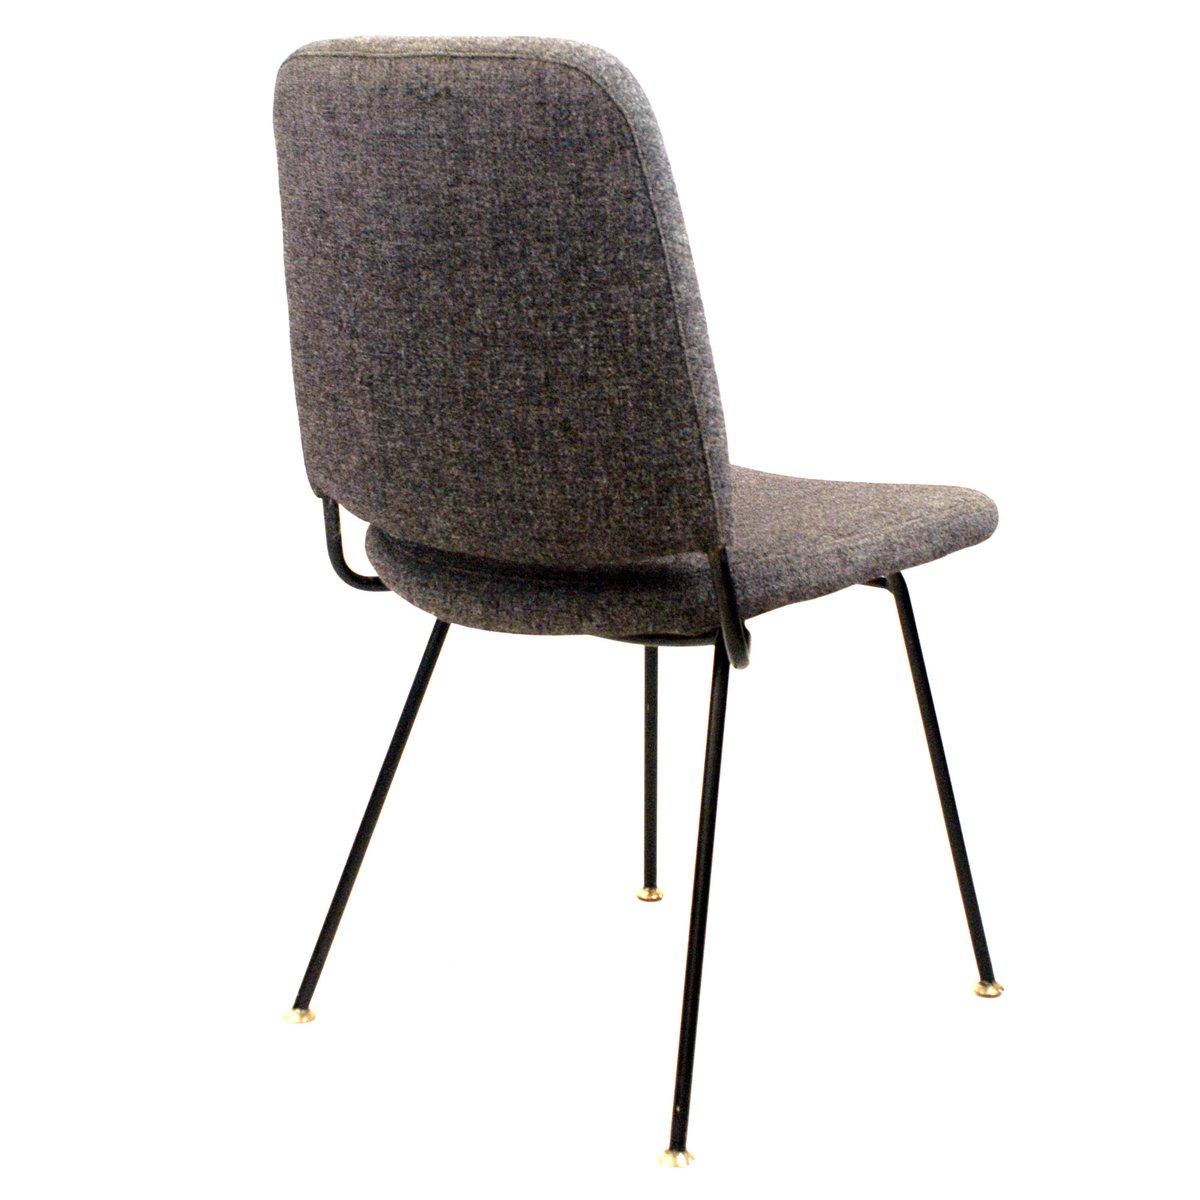 italienische st hle von arflex 1950er 2er set bei pamono kaufen. Black Bedroom Furniture Sets. Home Design Ideas